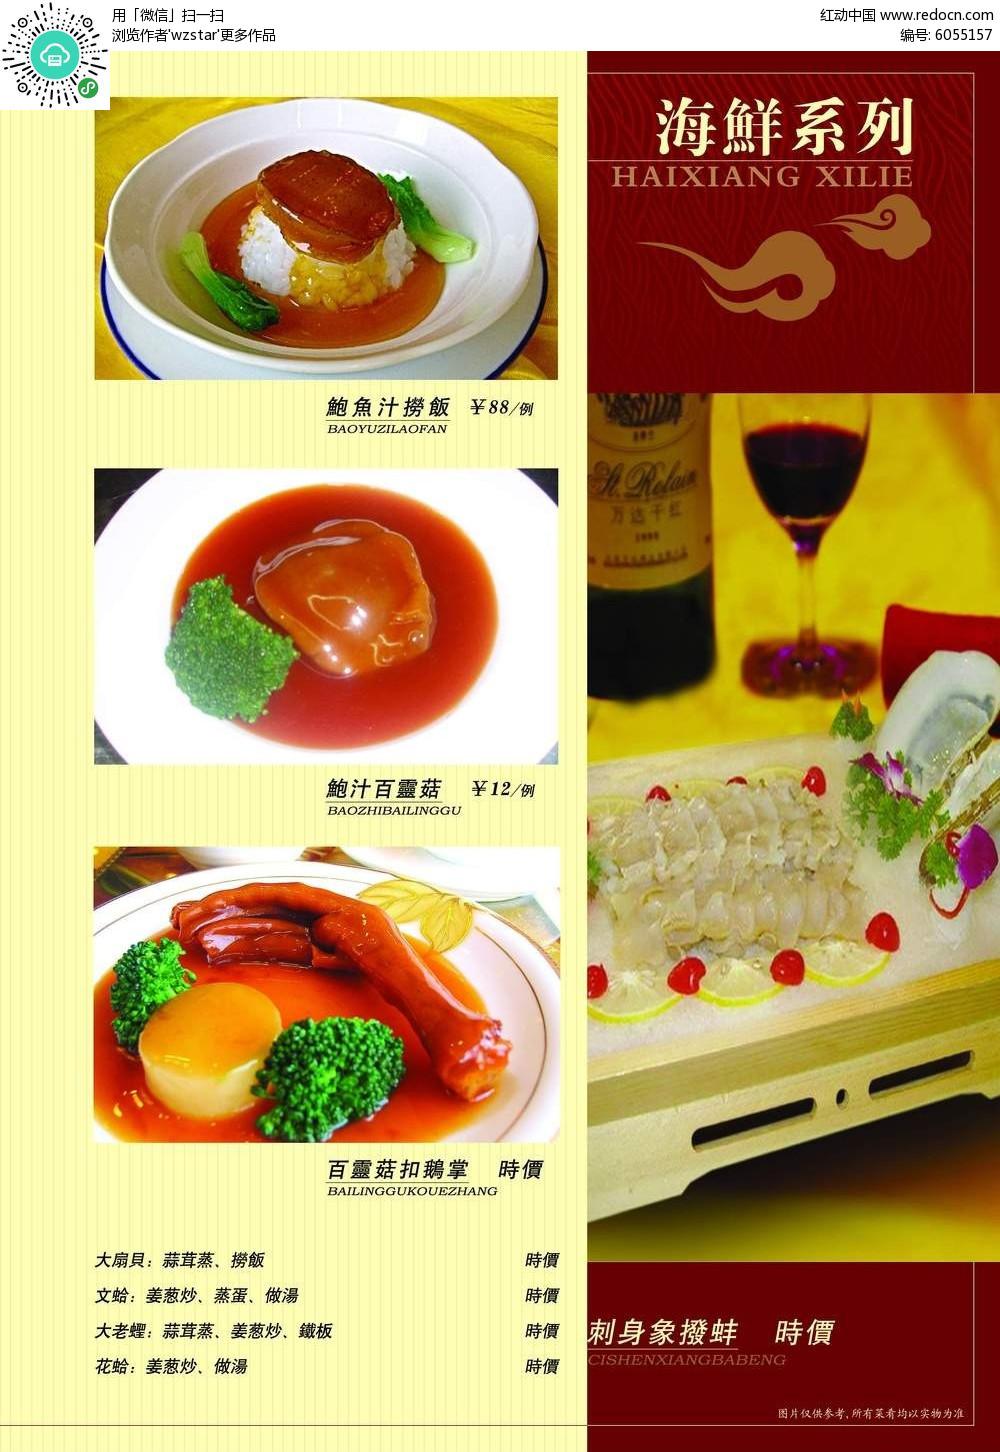 海鲜菜单设计psd免费下载_菜谱菜单素材